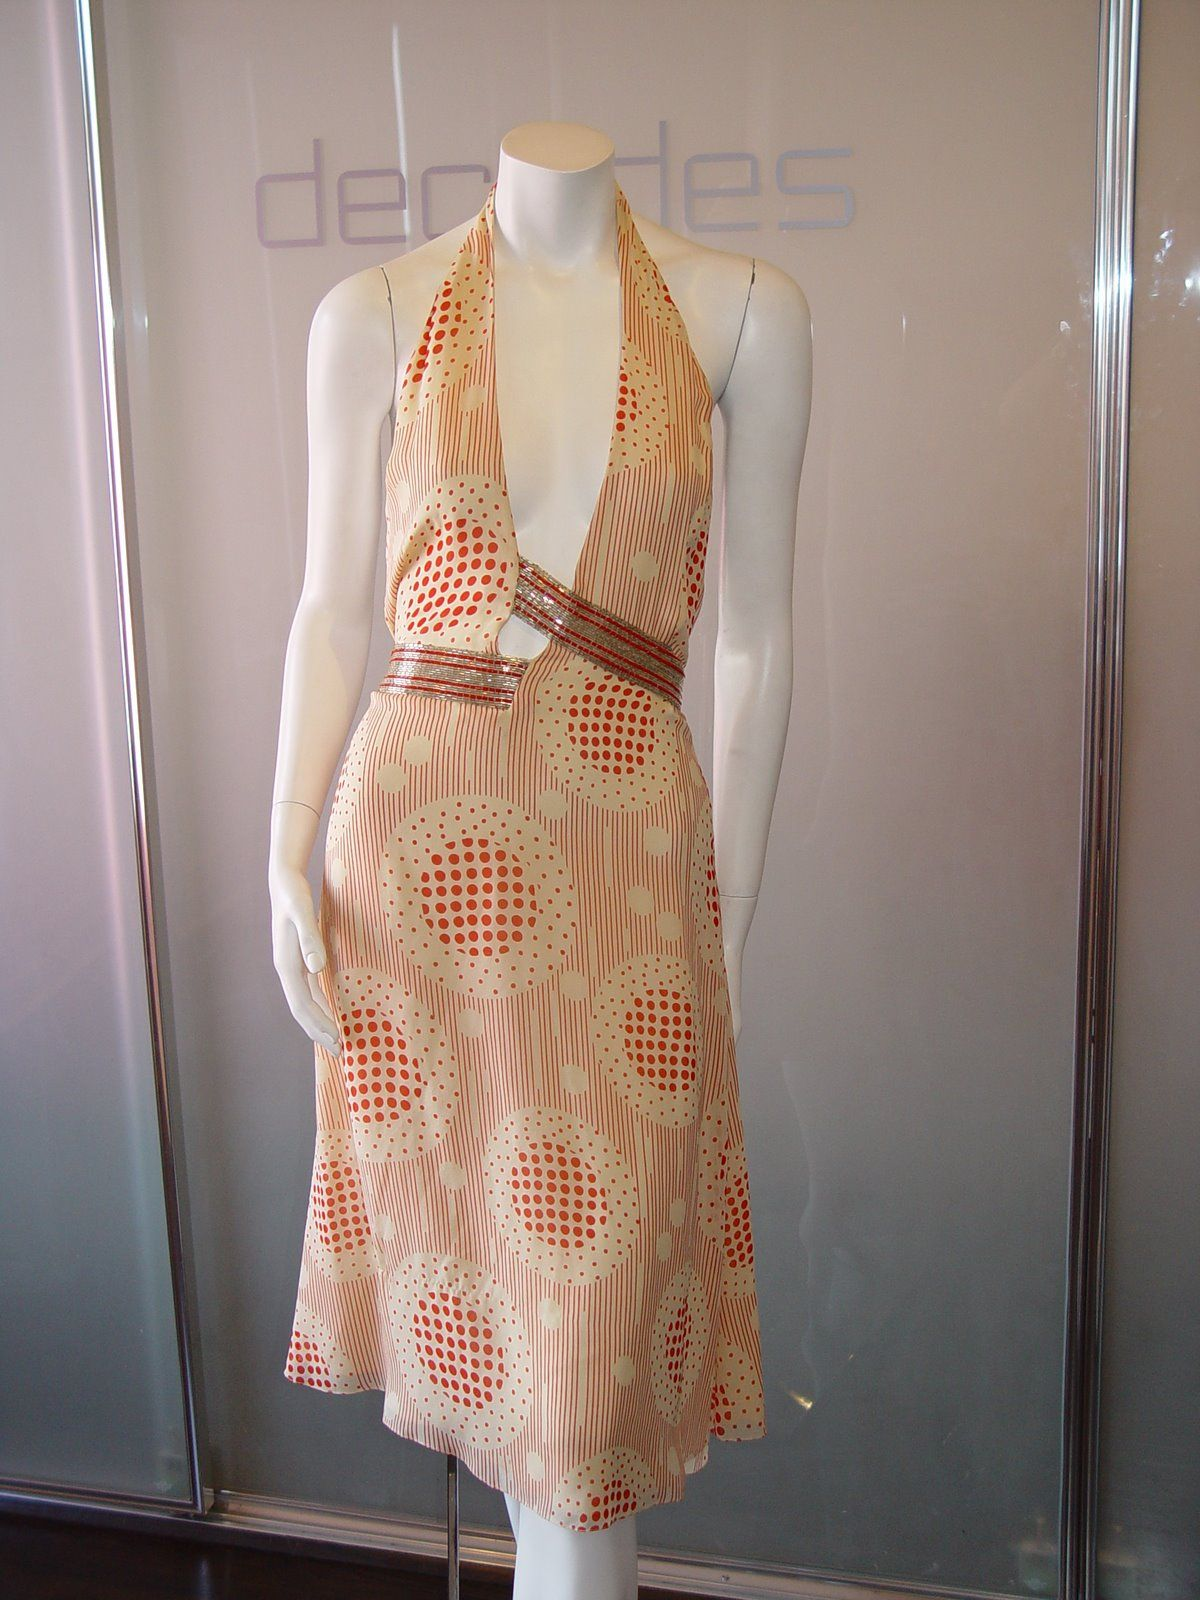 BILL BLASS 70S CHIFFON PRINT DRESS WITH BUGLE BEAD ASSYMETRIC BELT AND SASH